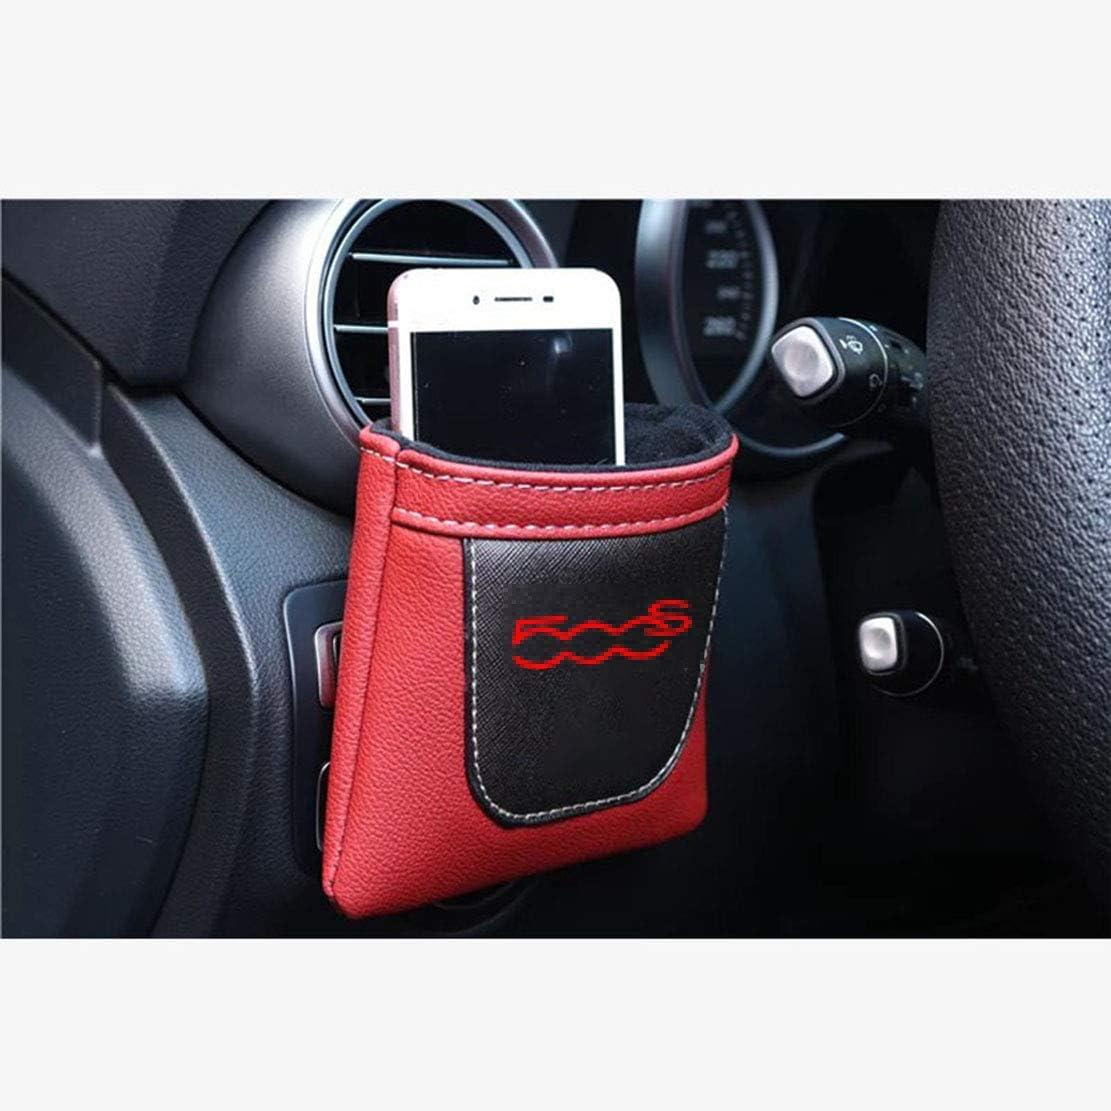 MNBX Air Vent Car Stow Tidy Borsa di stoccaggio per Fiat 500S Scatola di immagazzinaggio appesa in Pelle PU Accessorio per Auto